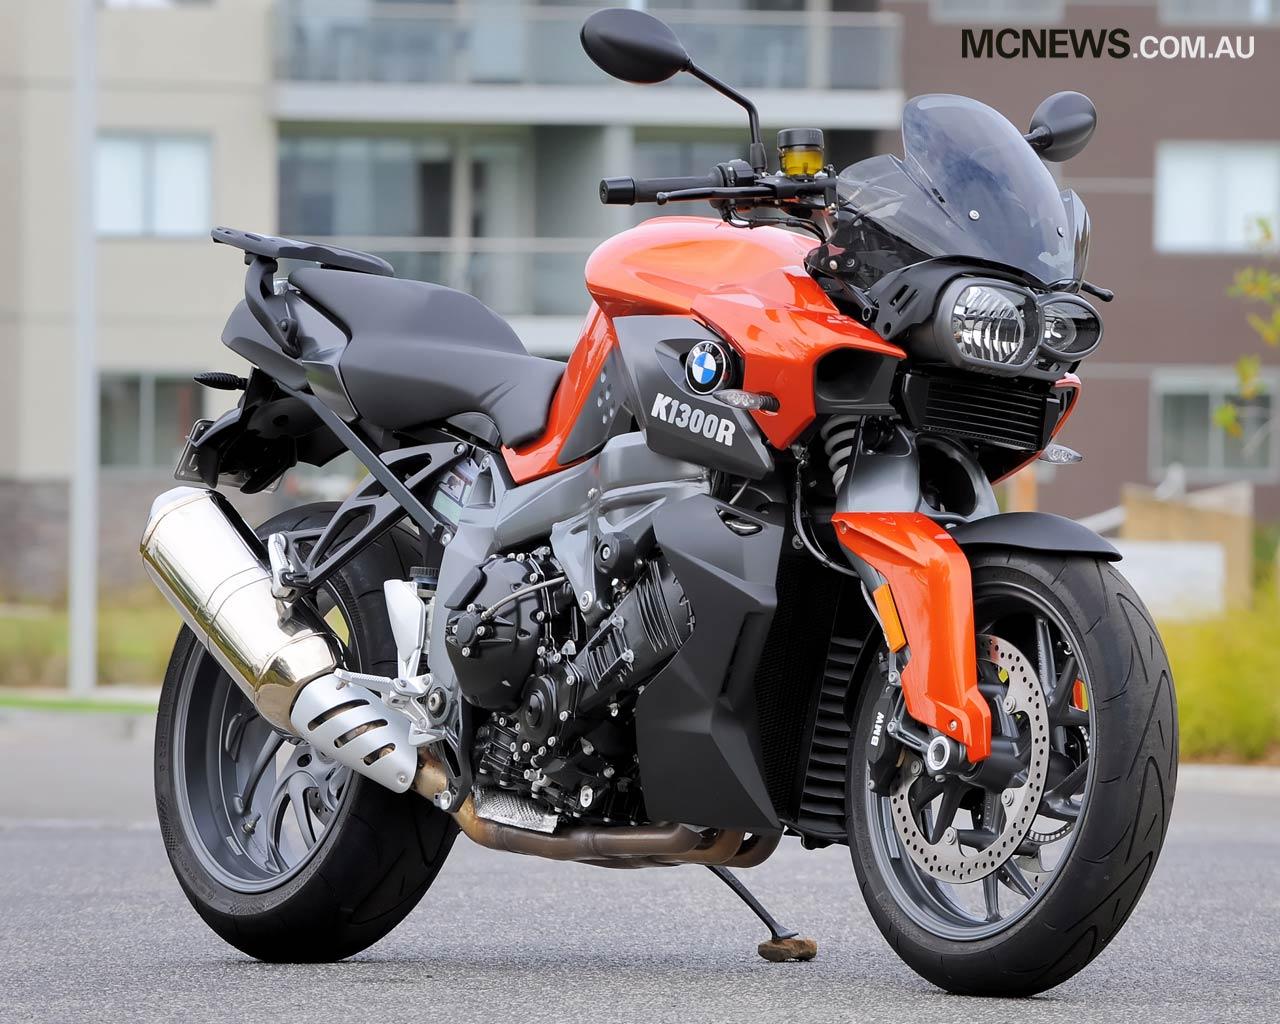 Bmw K1300r Black Wallpaper Bmw K1300r Bikes